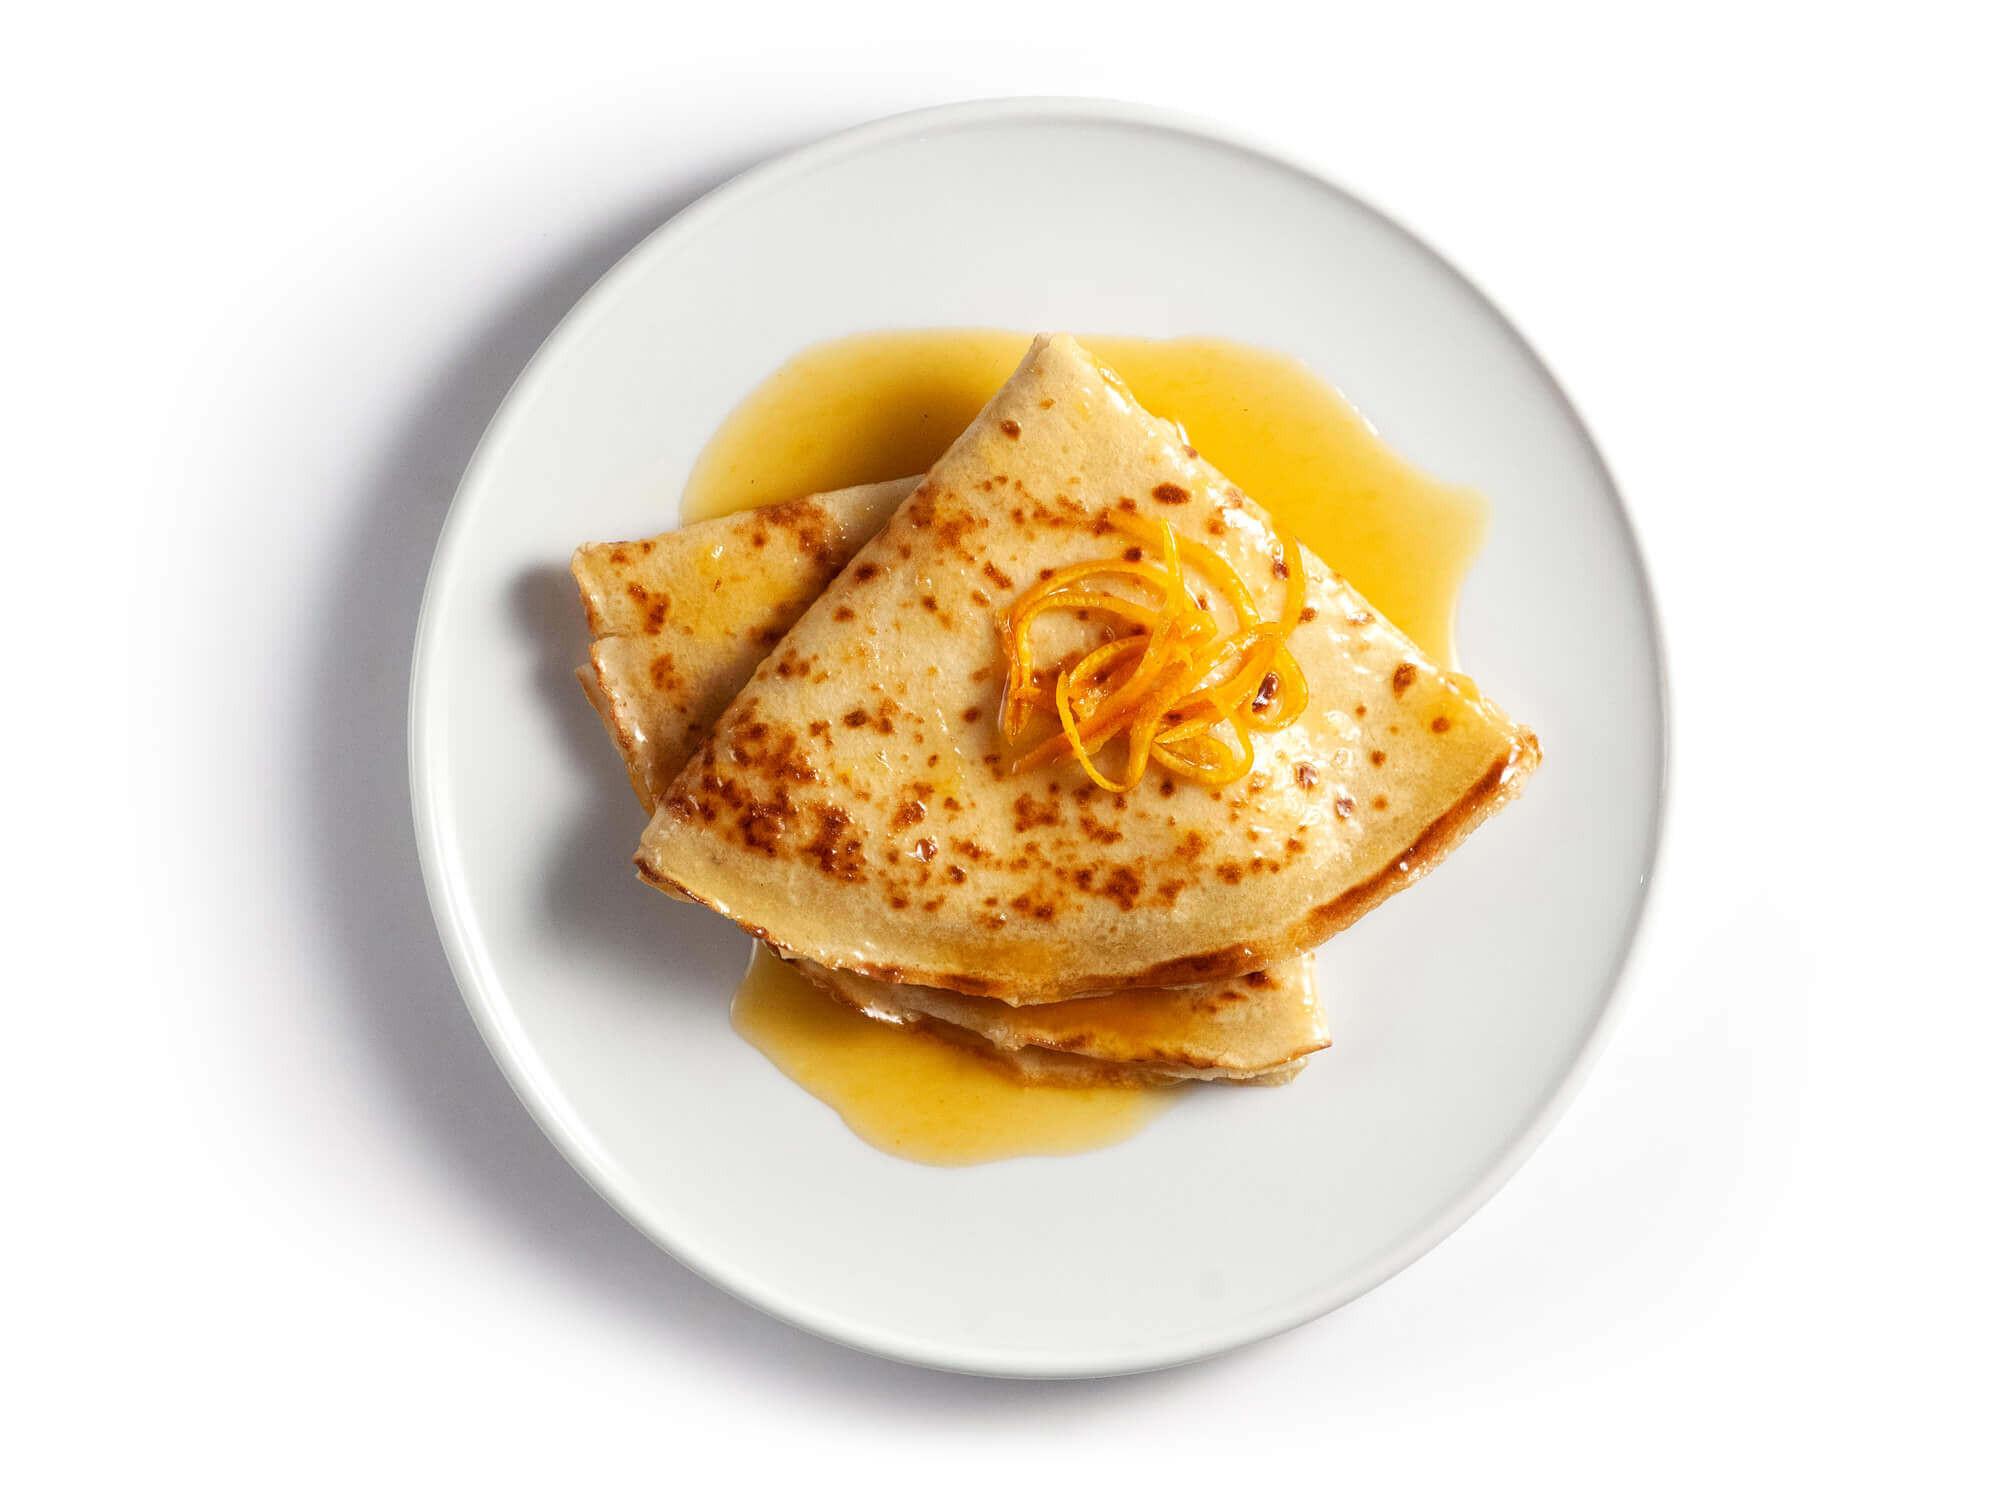 Naleśniki crepes suzette w karmelizowanym sosie pomarańczowym z likierem grand marnier..